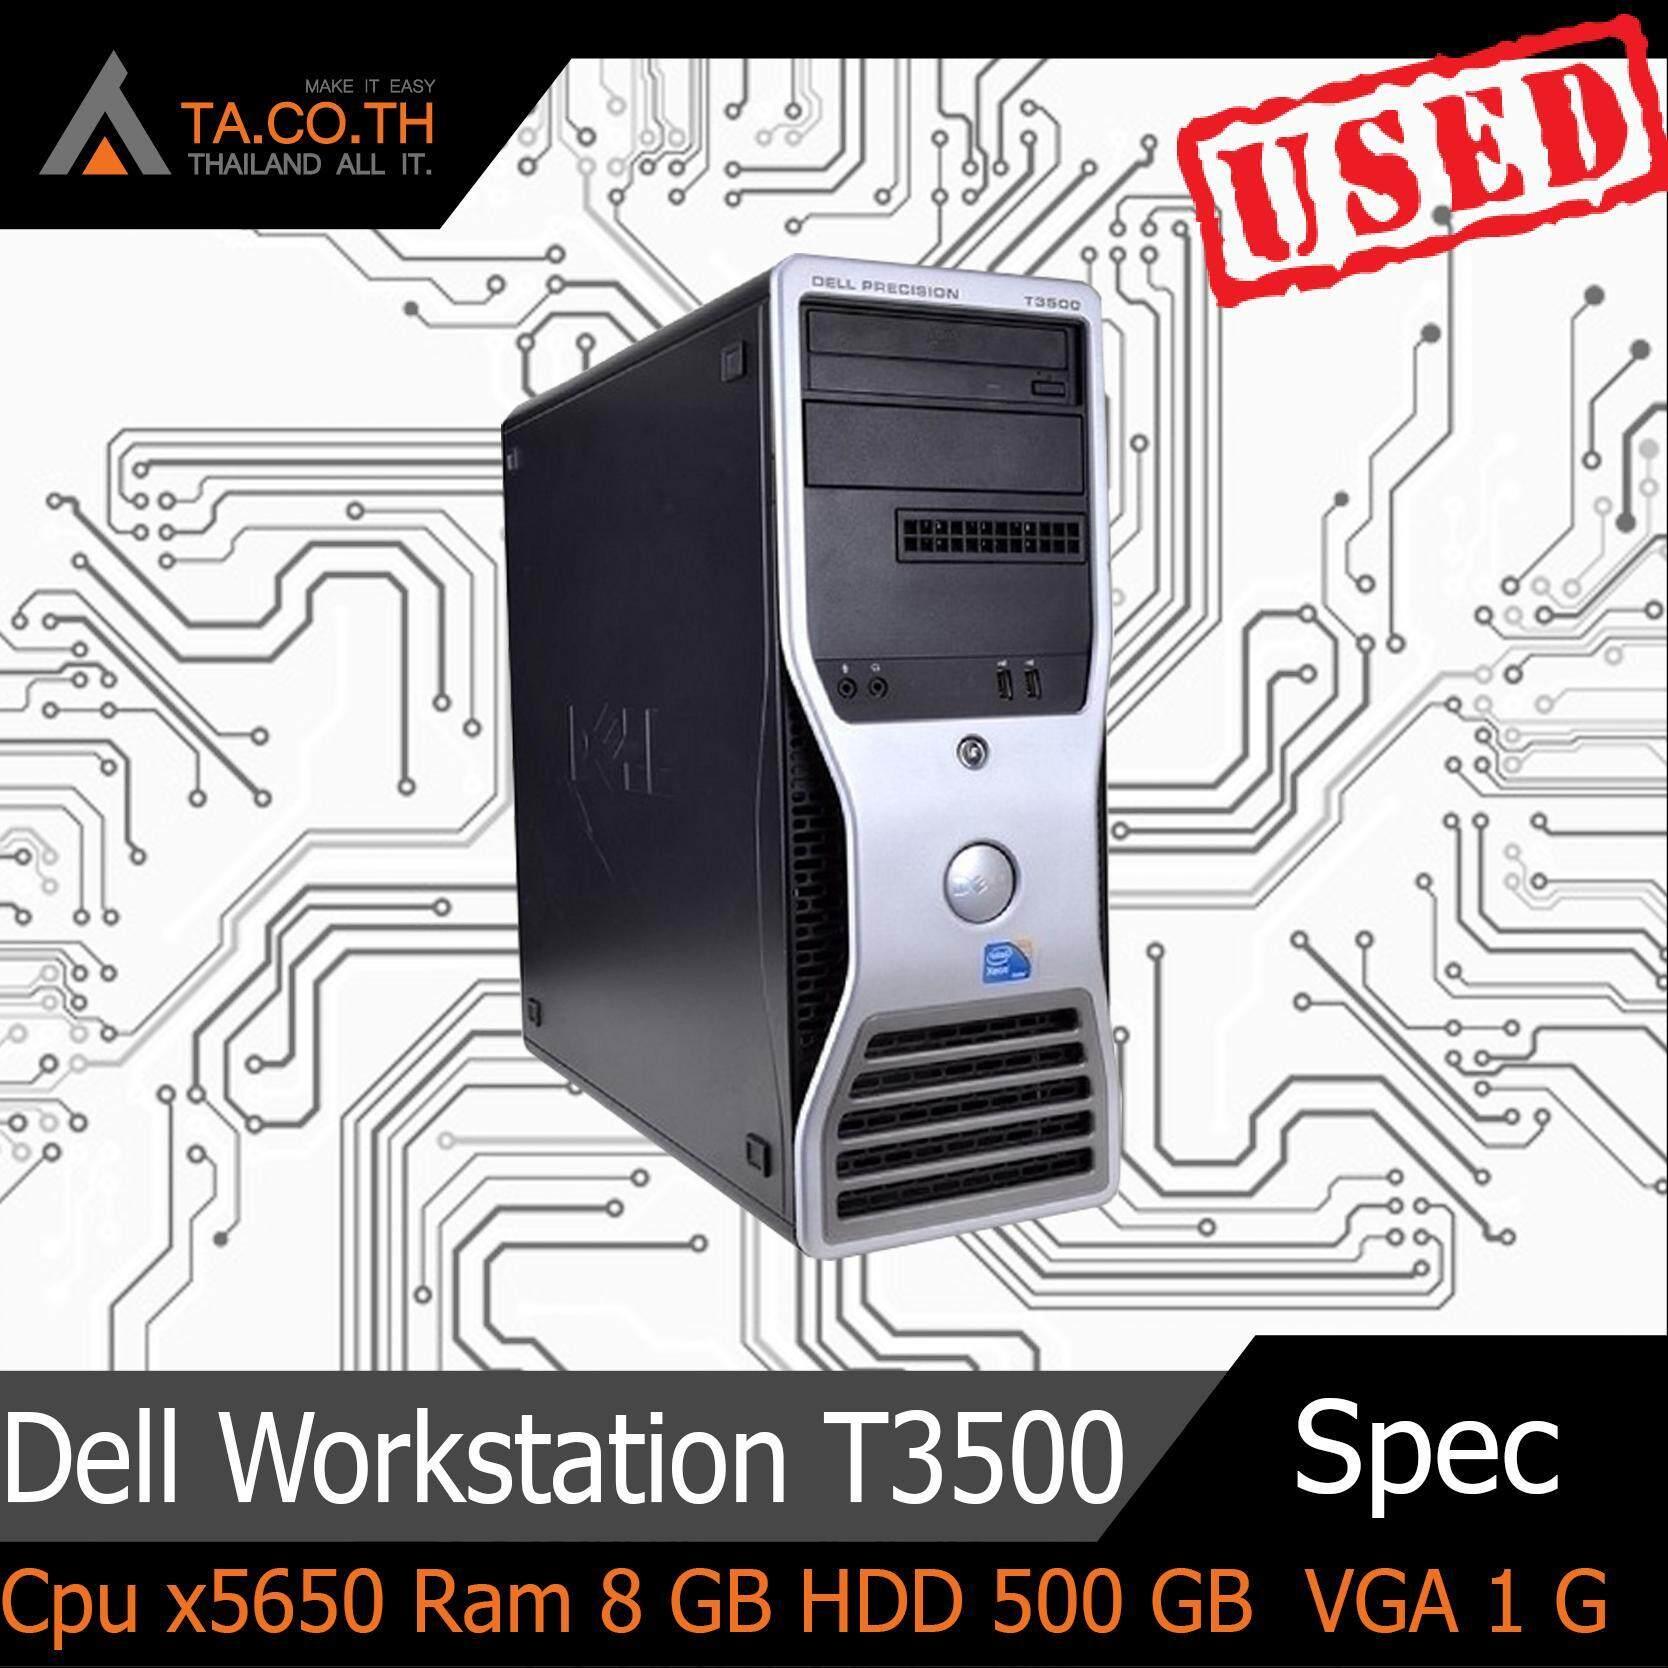 Dell Workstation T3500 เครื่องสำหรับงานออกแบบ